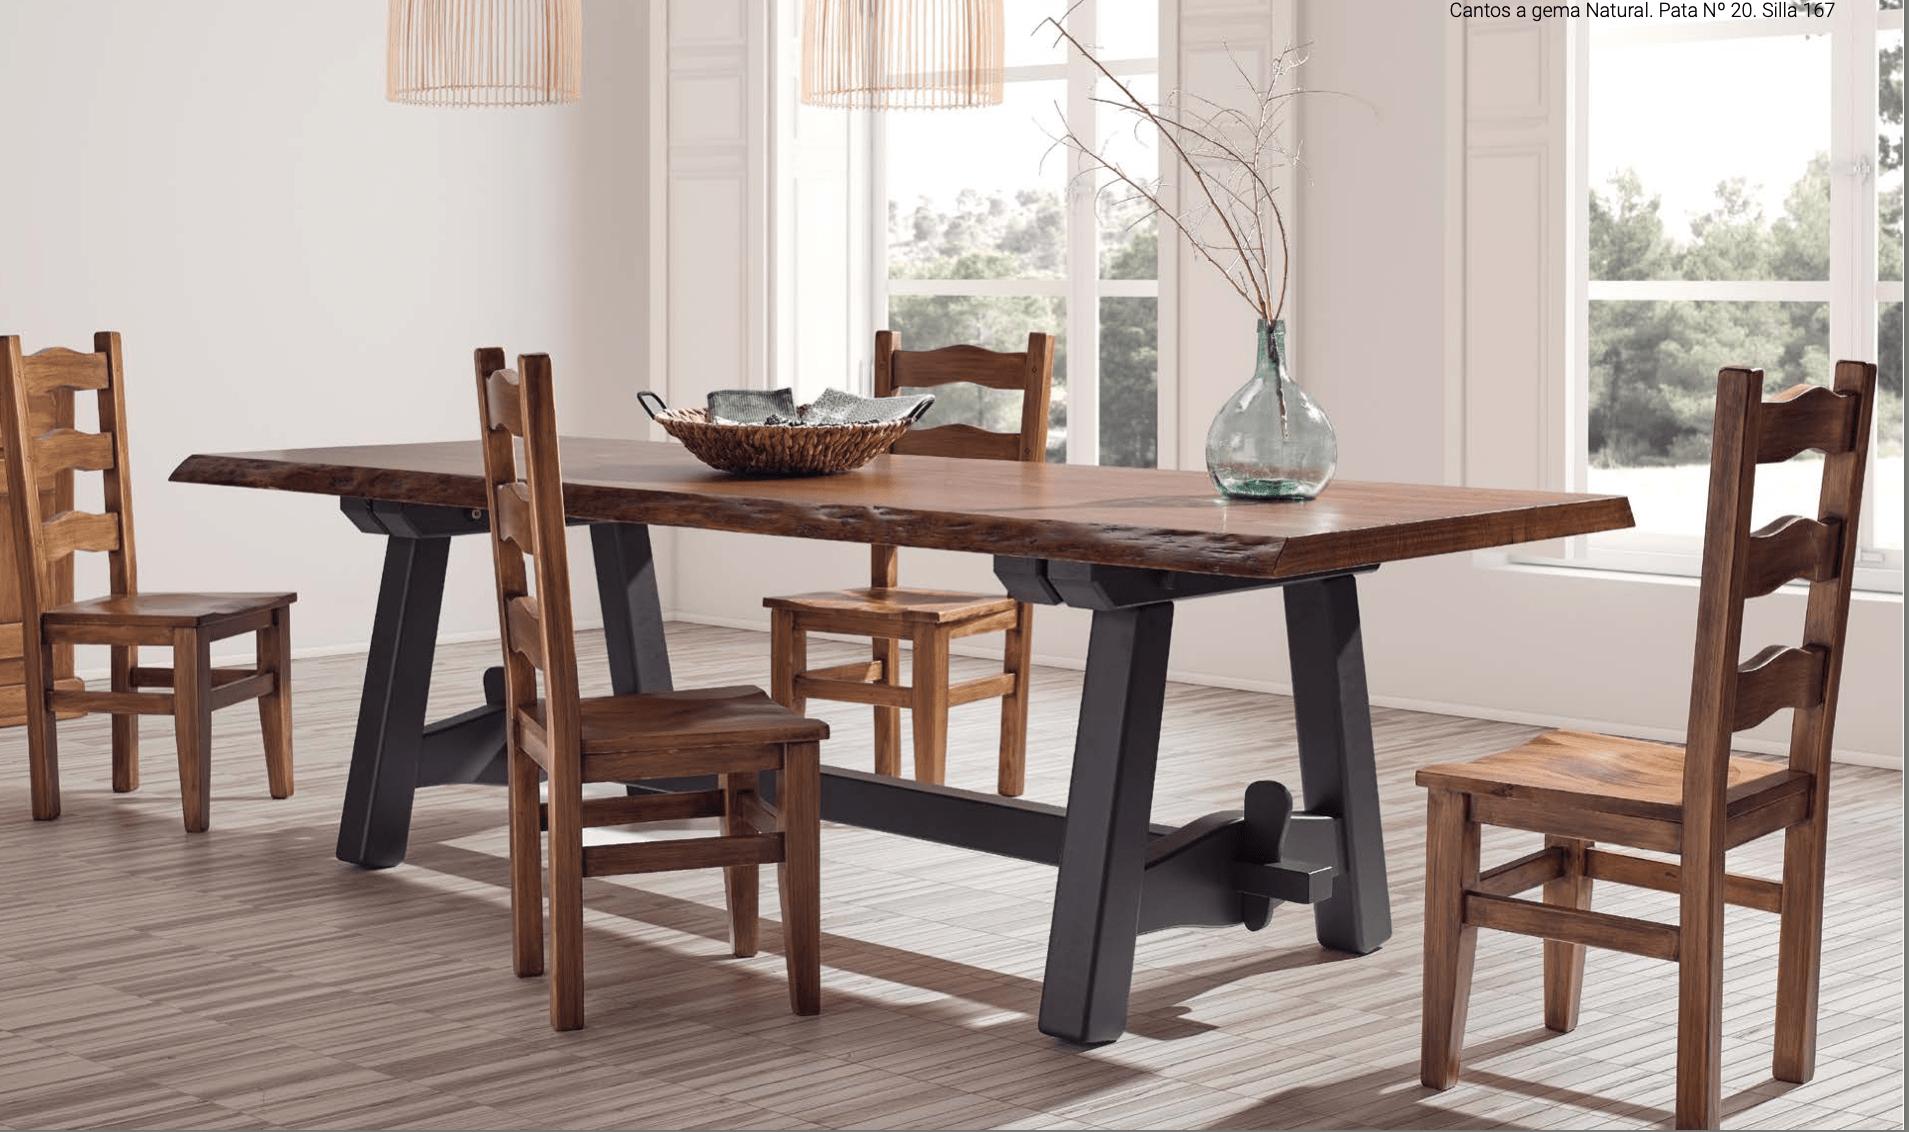 muebles-rusticos-a-medida